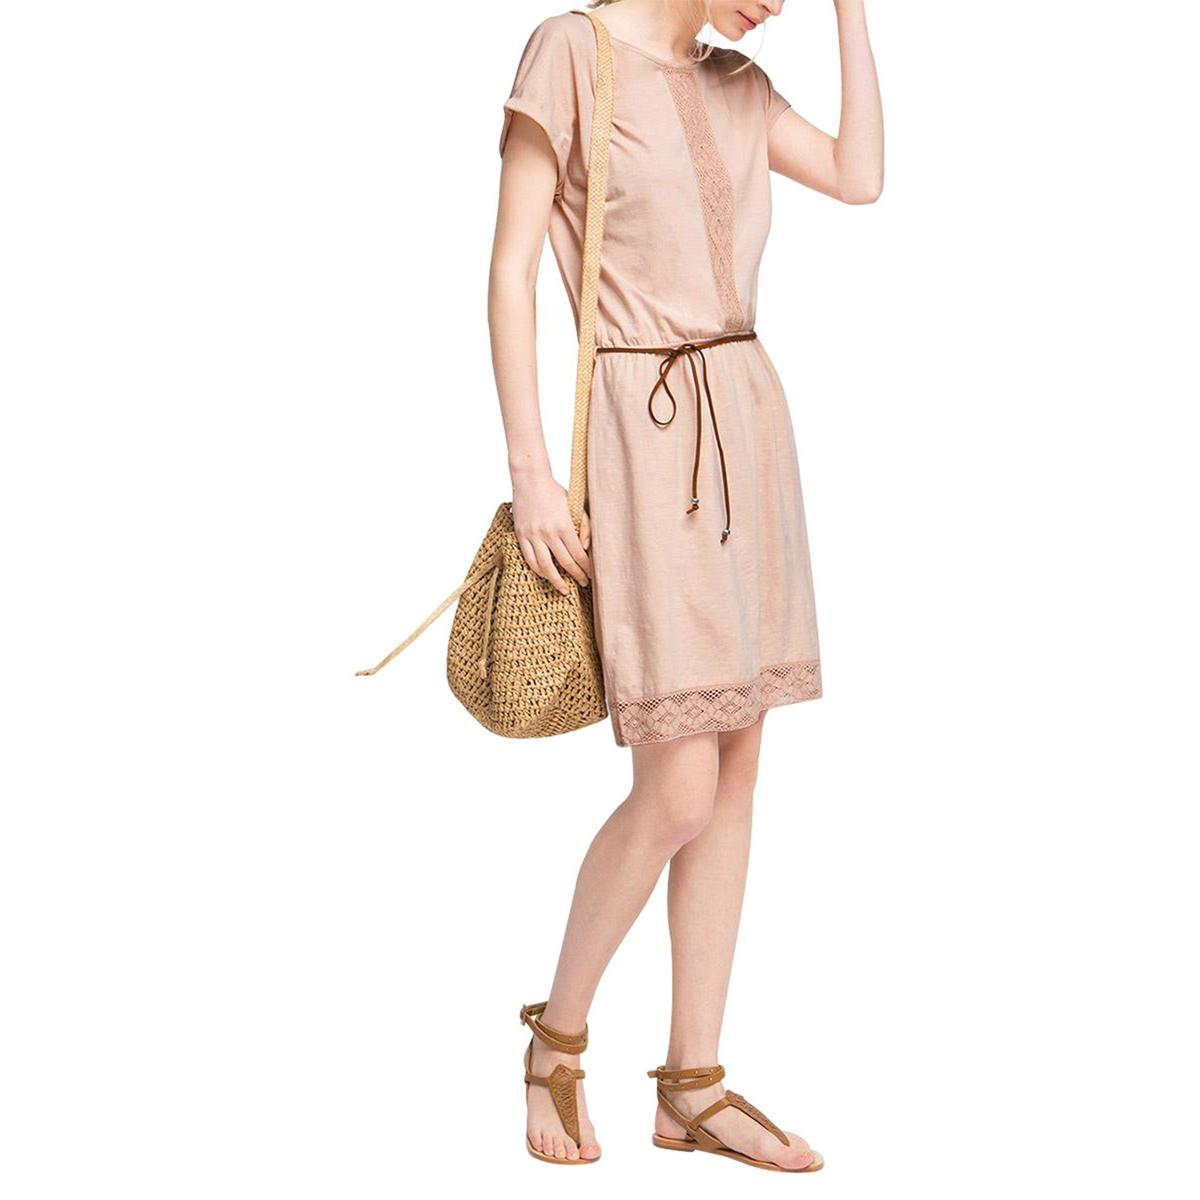 Платье из джерси ESPRITСостав и описание :Материал : 100% хлопкаМарка : ESPRIT.<br><br>Цвет: розовая пудра<br>Размер: L